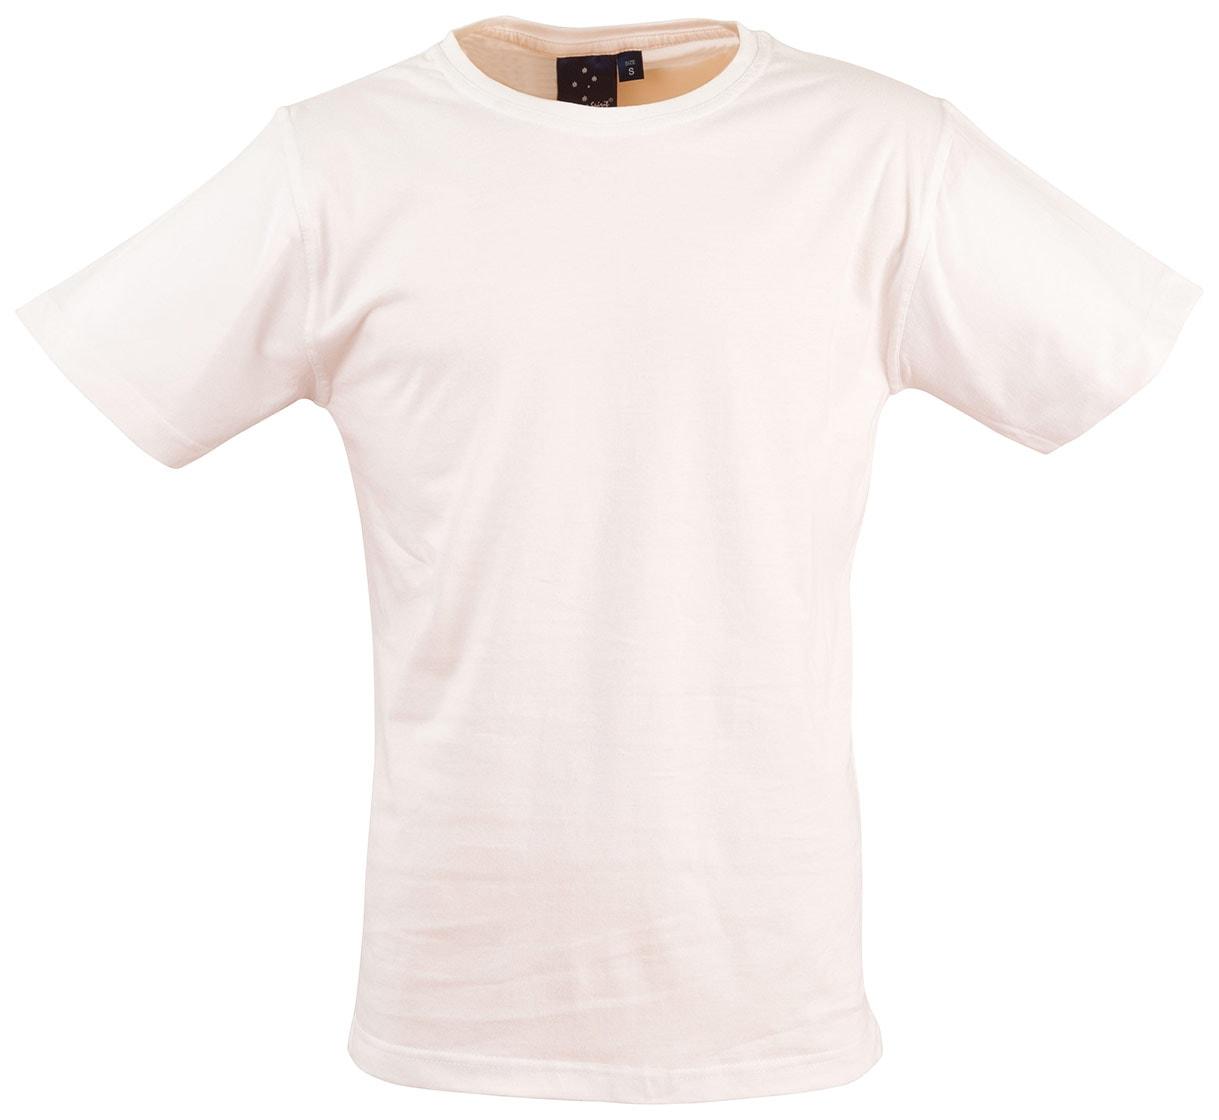 TS20_White